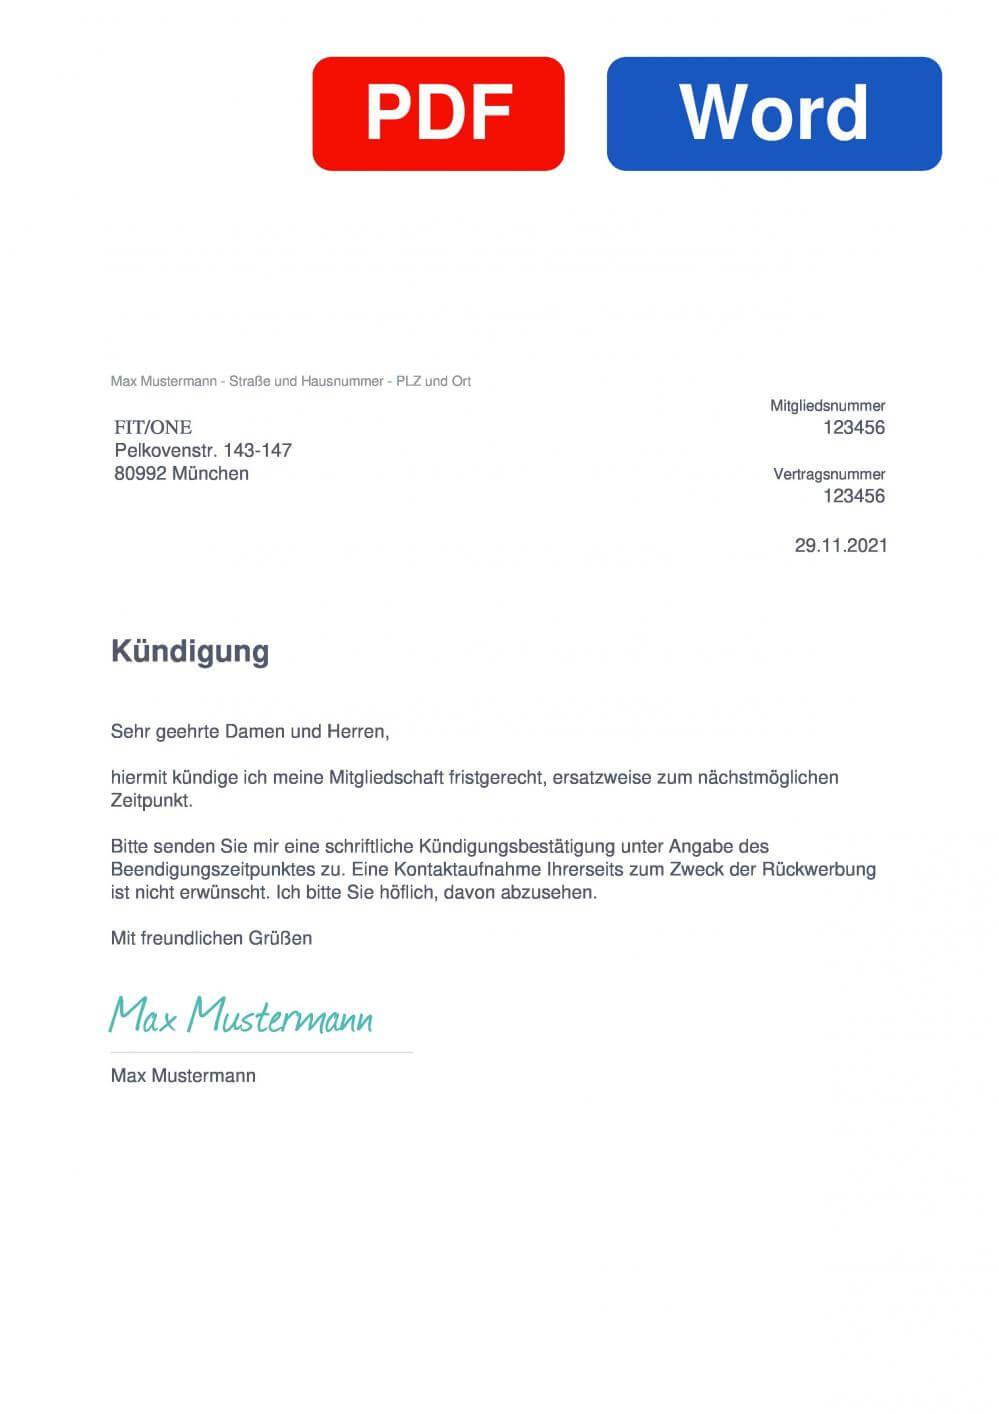 FIT/ONE München Muster Vorlage für Kündigungsschreiben